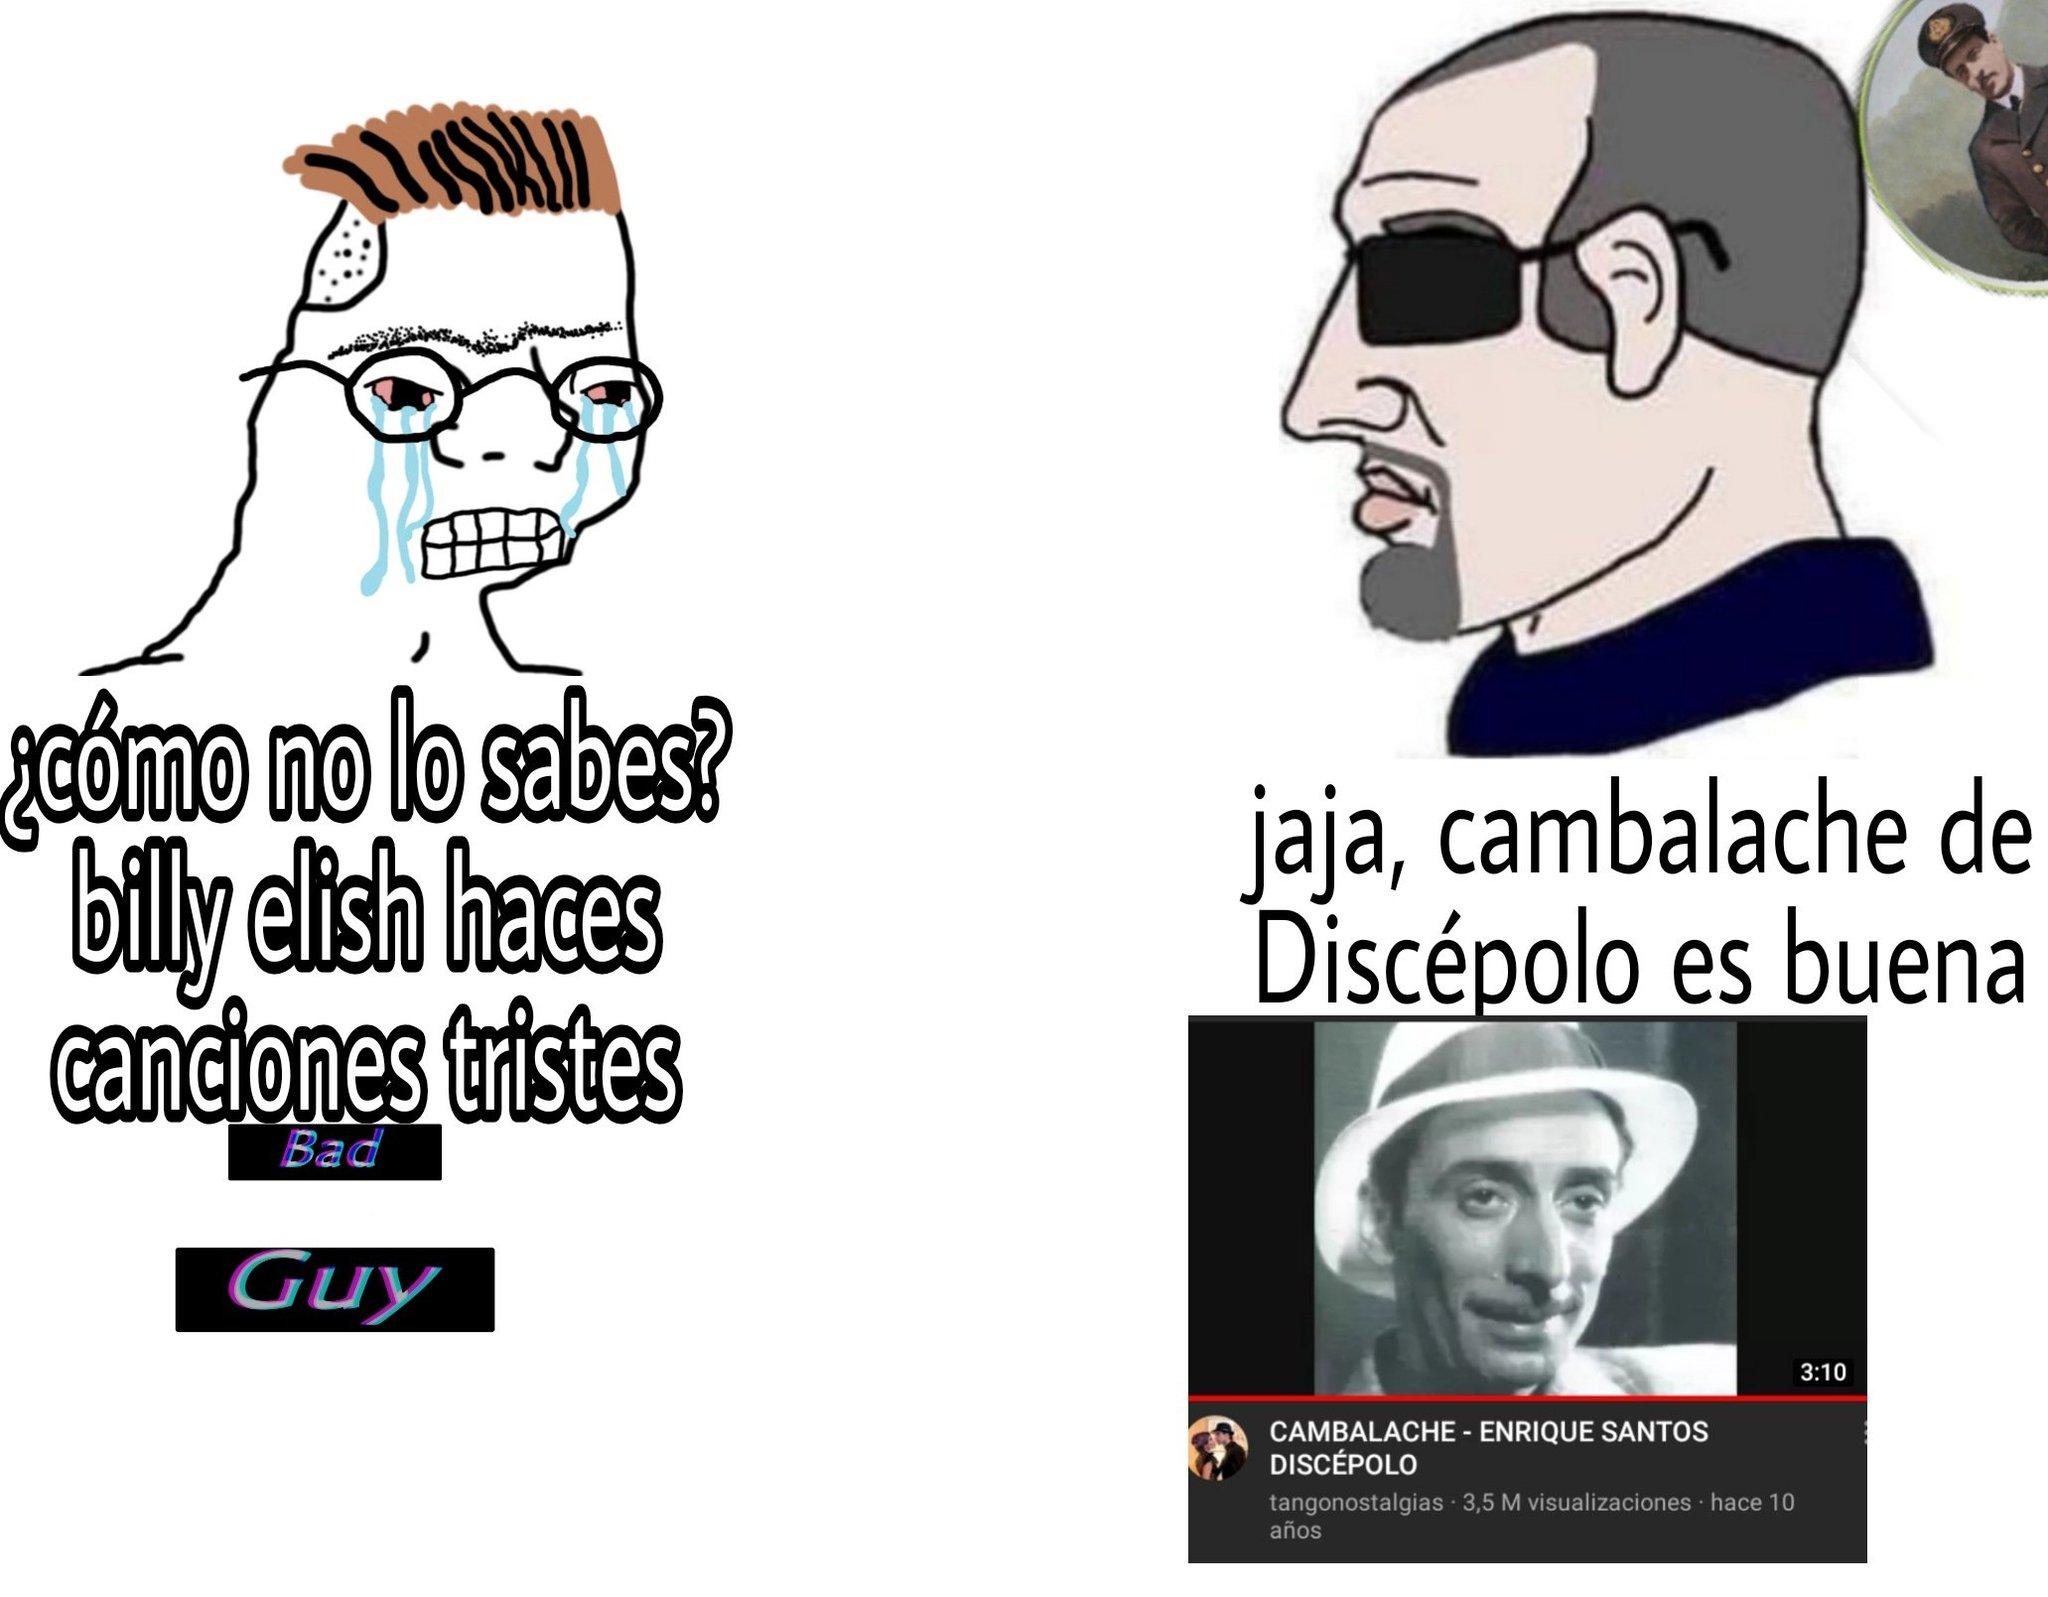 Zoomer vs boomer .pd : si se quiere doy explicaciones en los comentarios - meme